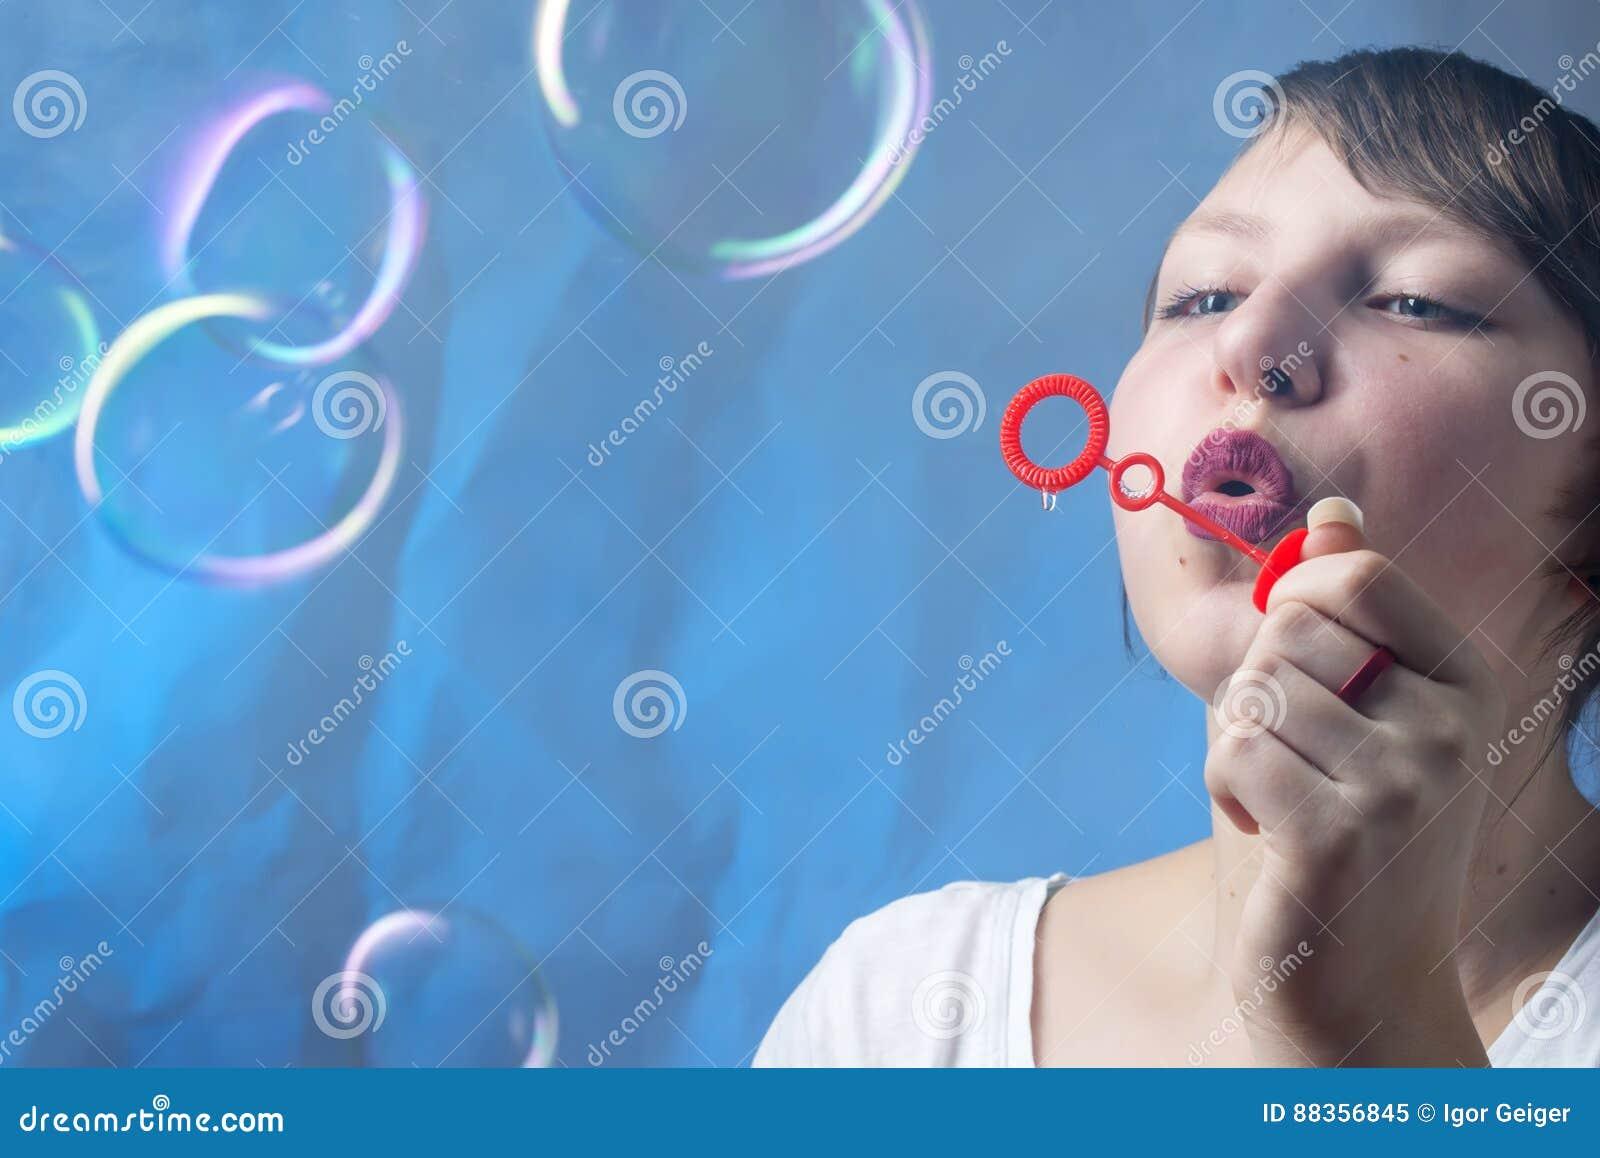 De mooie, mooie zeepbels van meisjesslagen op een mooi blauw